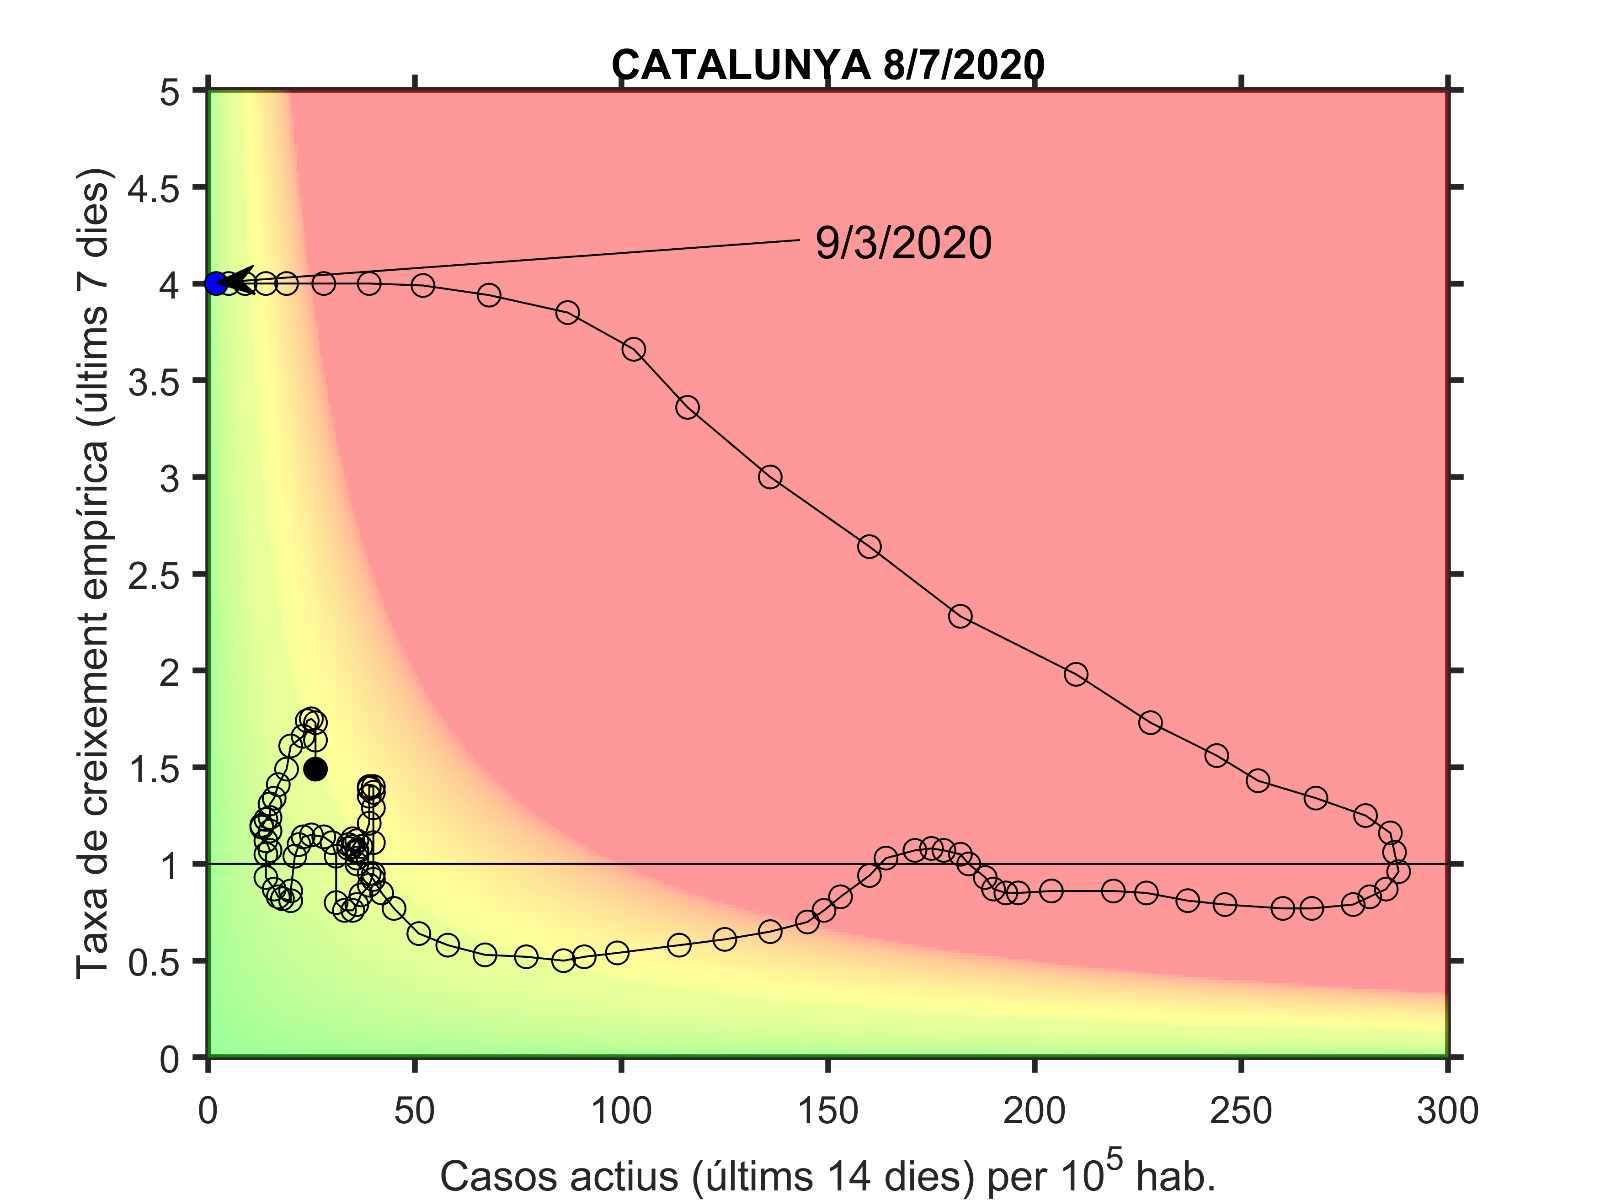 gráfico de riesgo de contagio